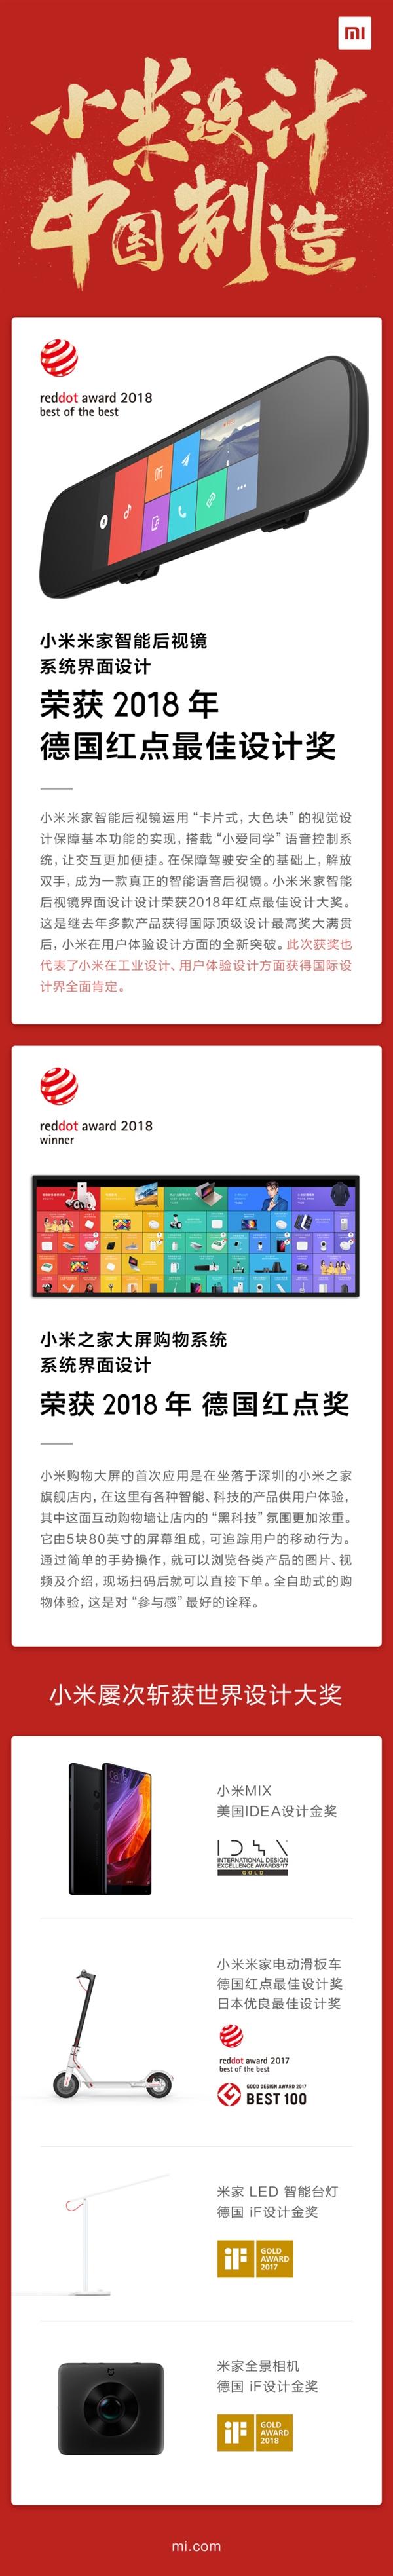 Системный интерфейс, такой как интеллектуальное зеркало заднего вида Xiaomi Mijia, выиграло награду за лучший красный приз